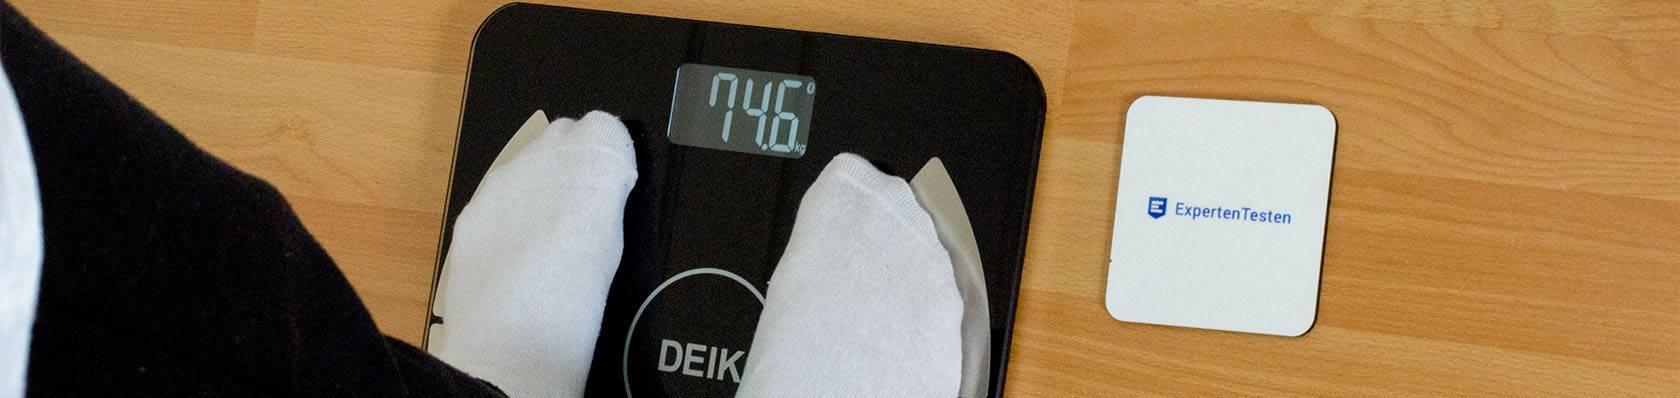 Körperfettwaagen im Test auf ExpertenTesten.de